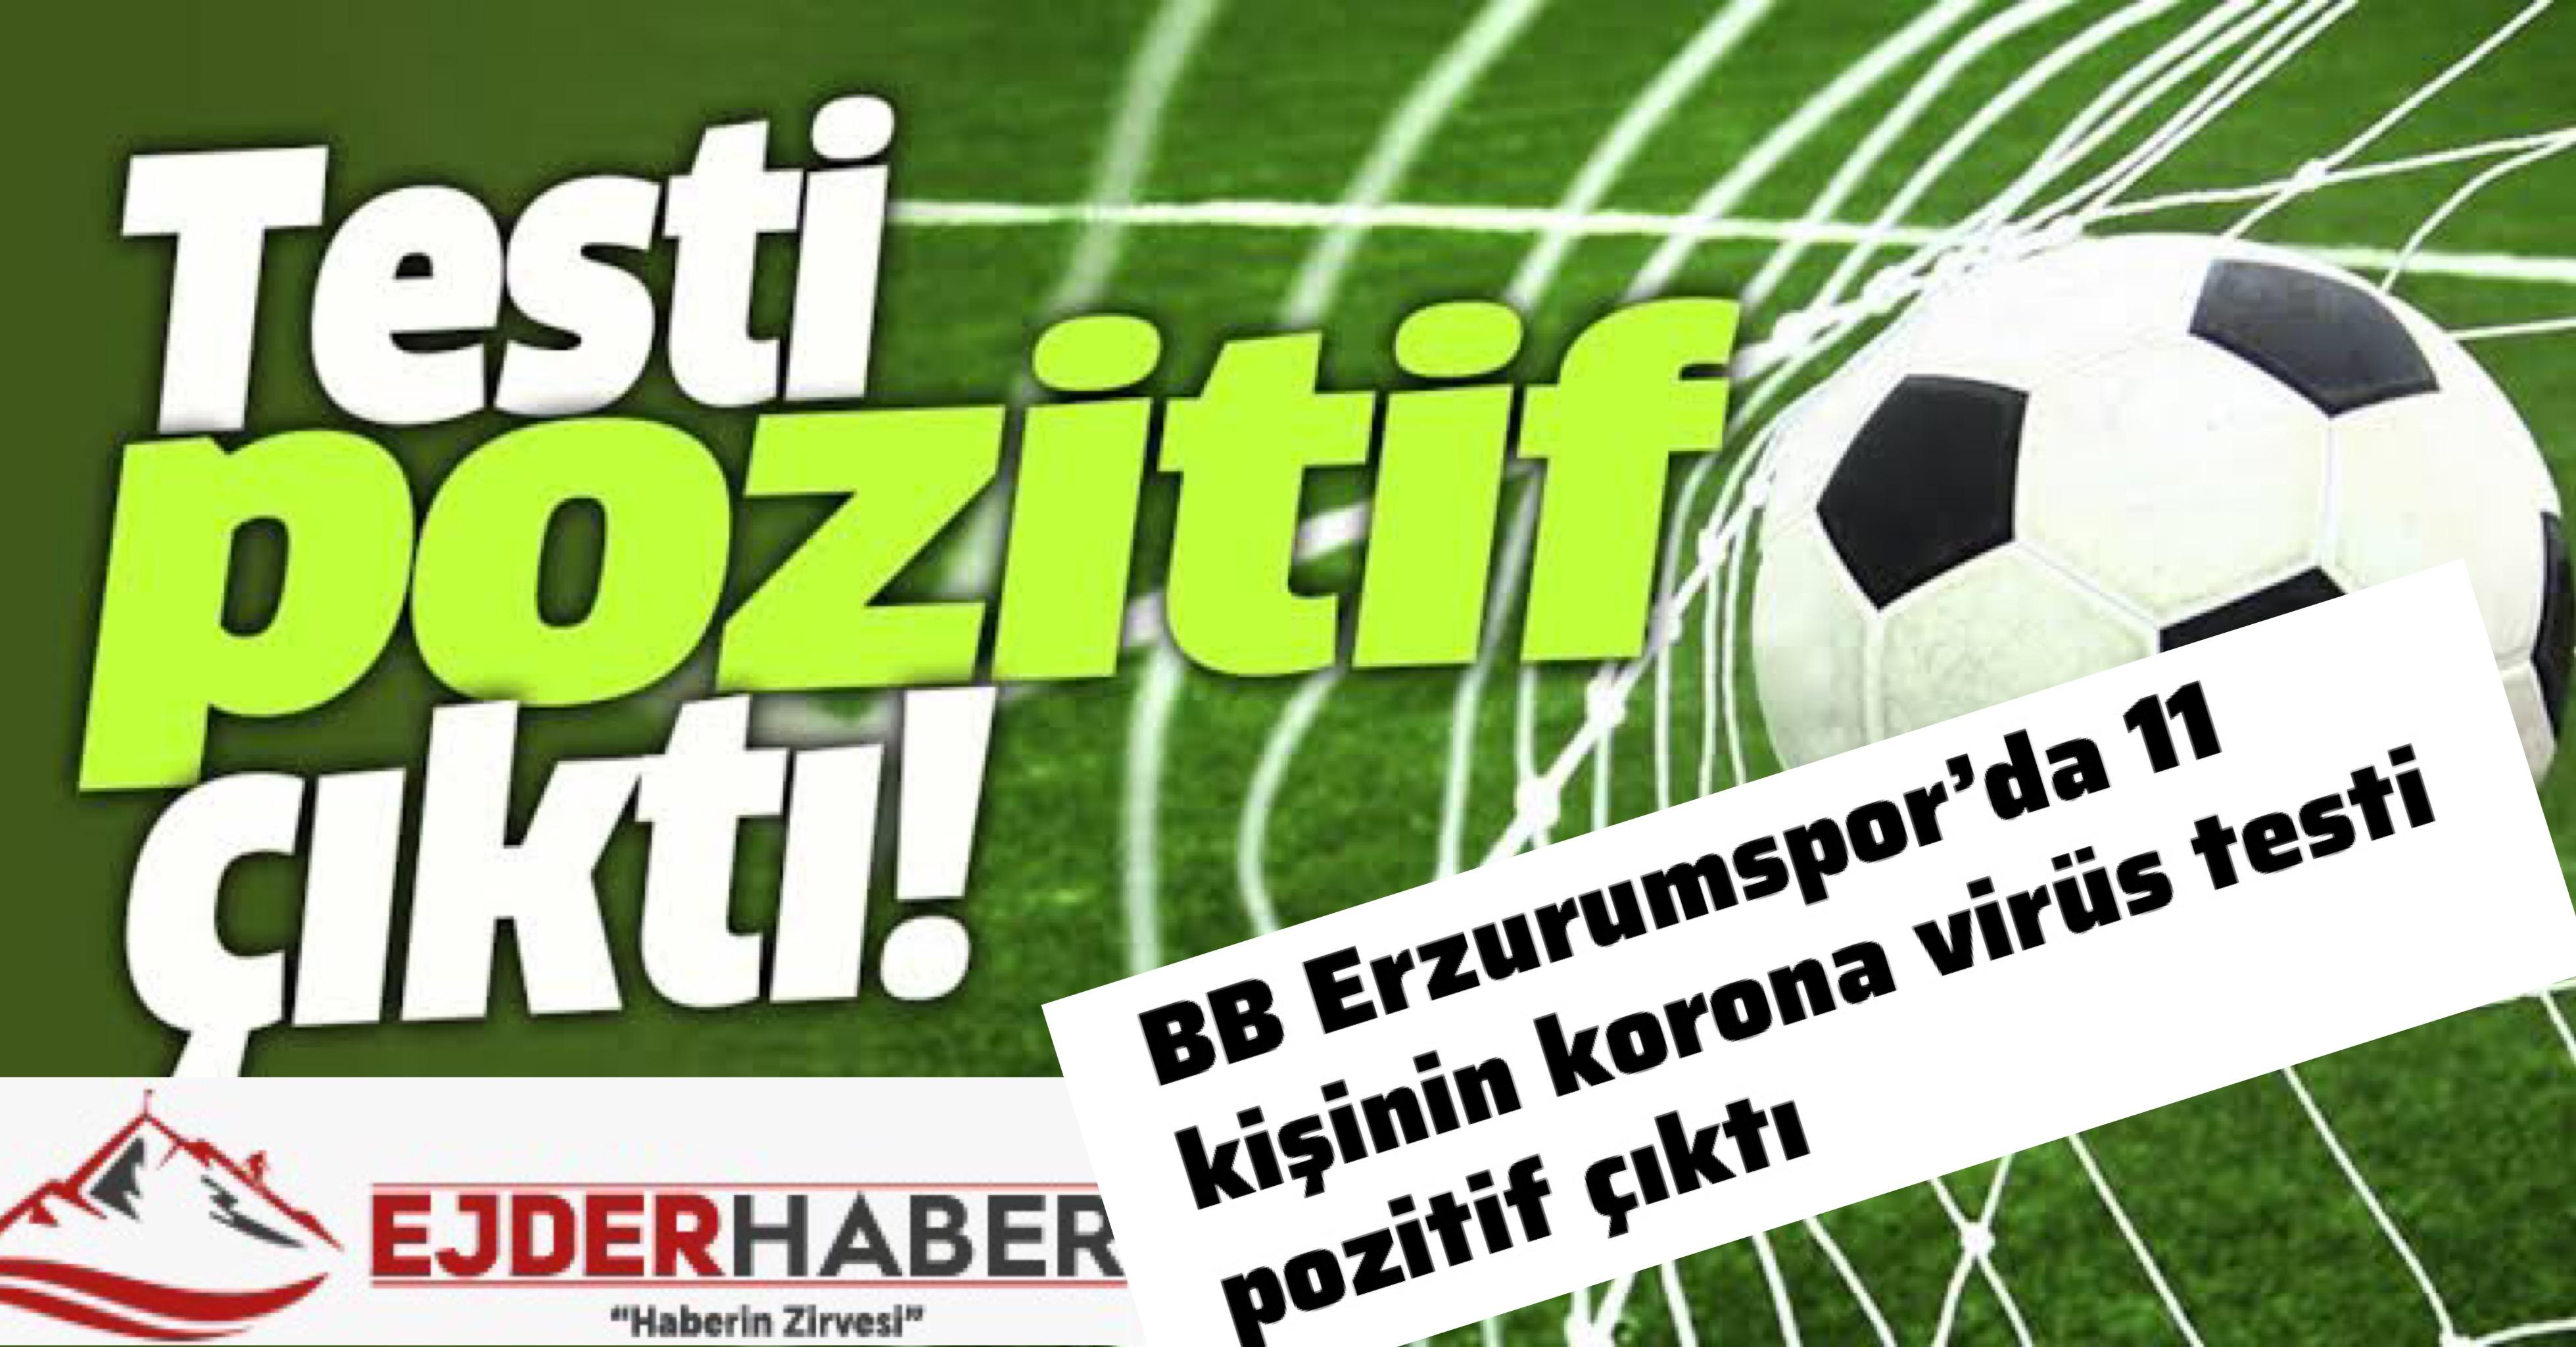 Erzurumspor'da 11 pozitif vaka!!